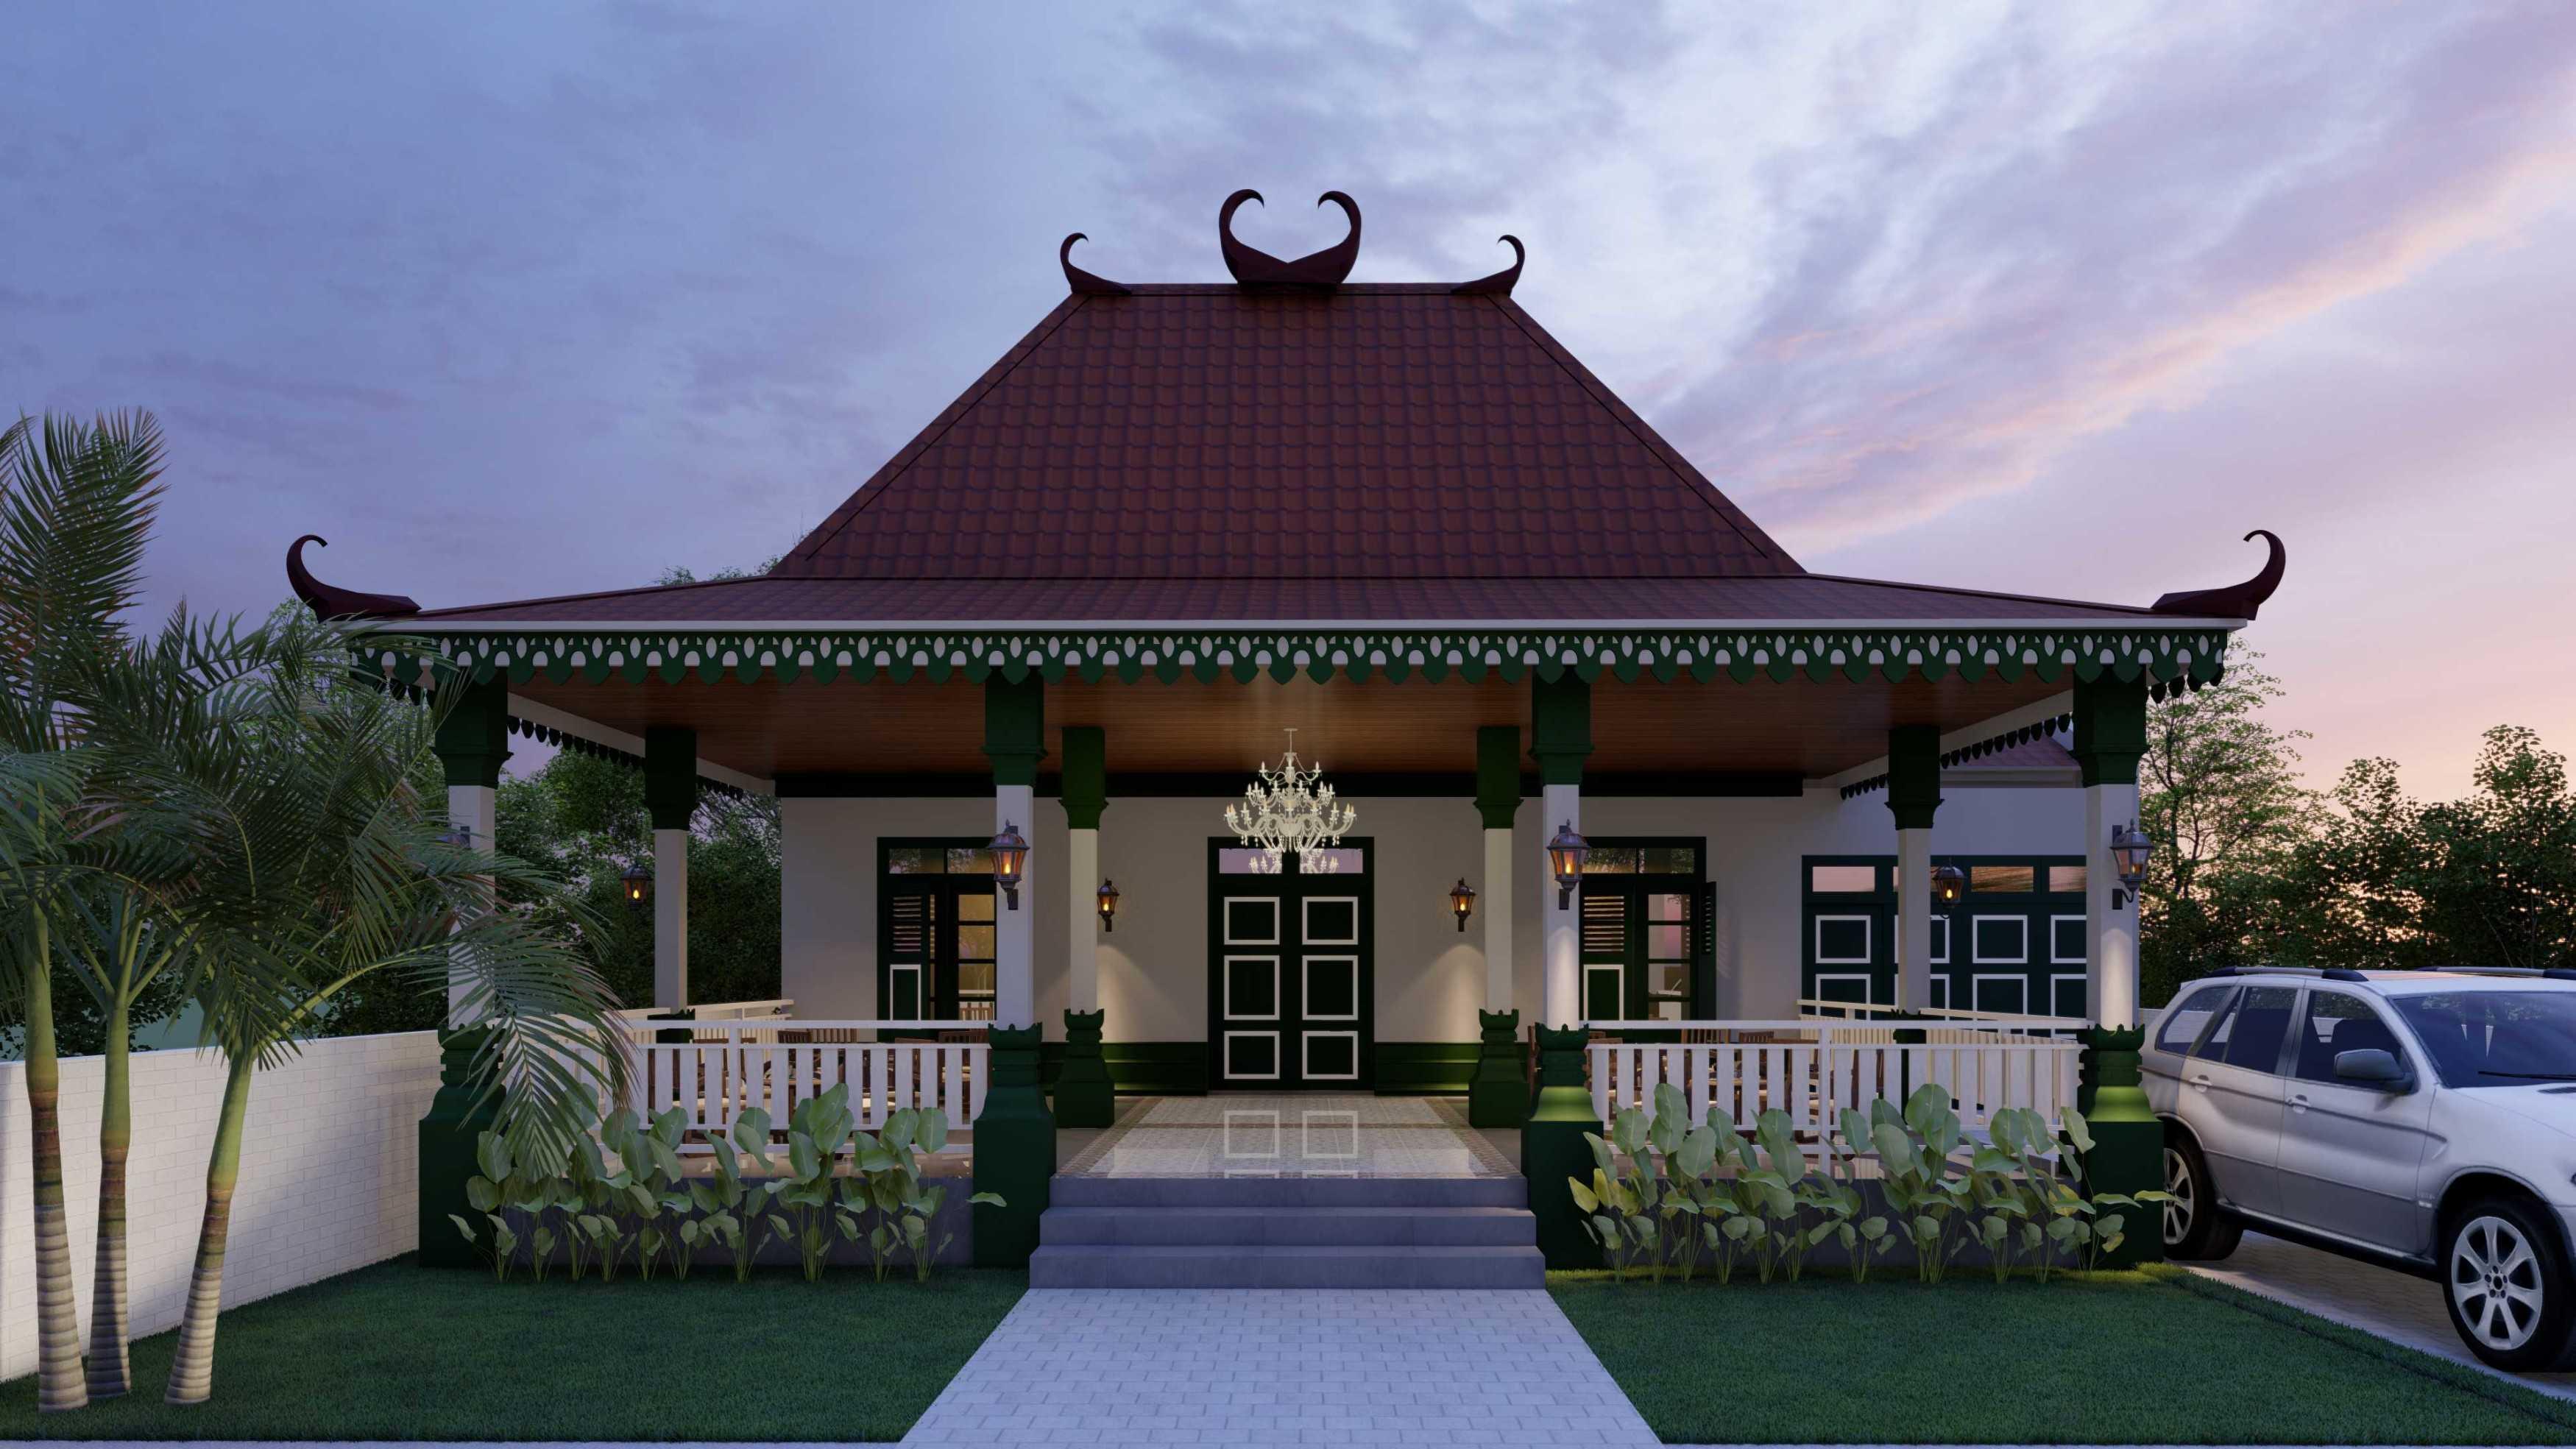 R+ Studio Rumah Joglo - Batang - Jawa Tengah Kabupaten Batang, Jawa Tengah, Indonesia Kabupaten Batang, Jawa Tengah, Indonesia R-Studio-Rumah-Joglo   121804